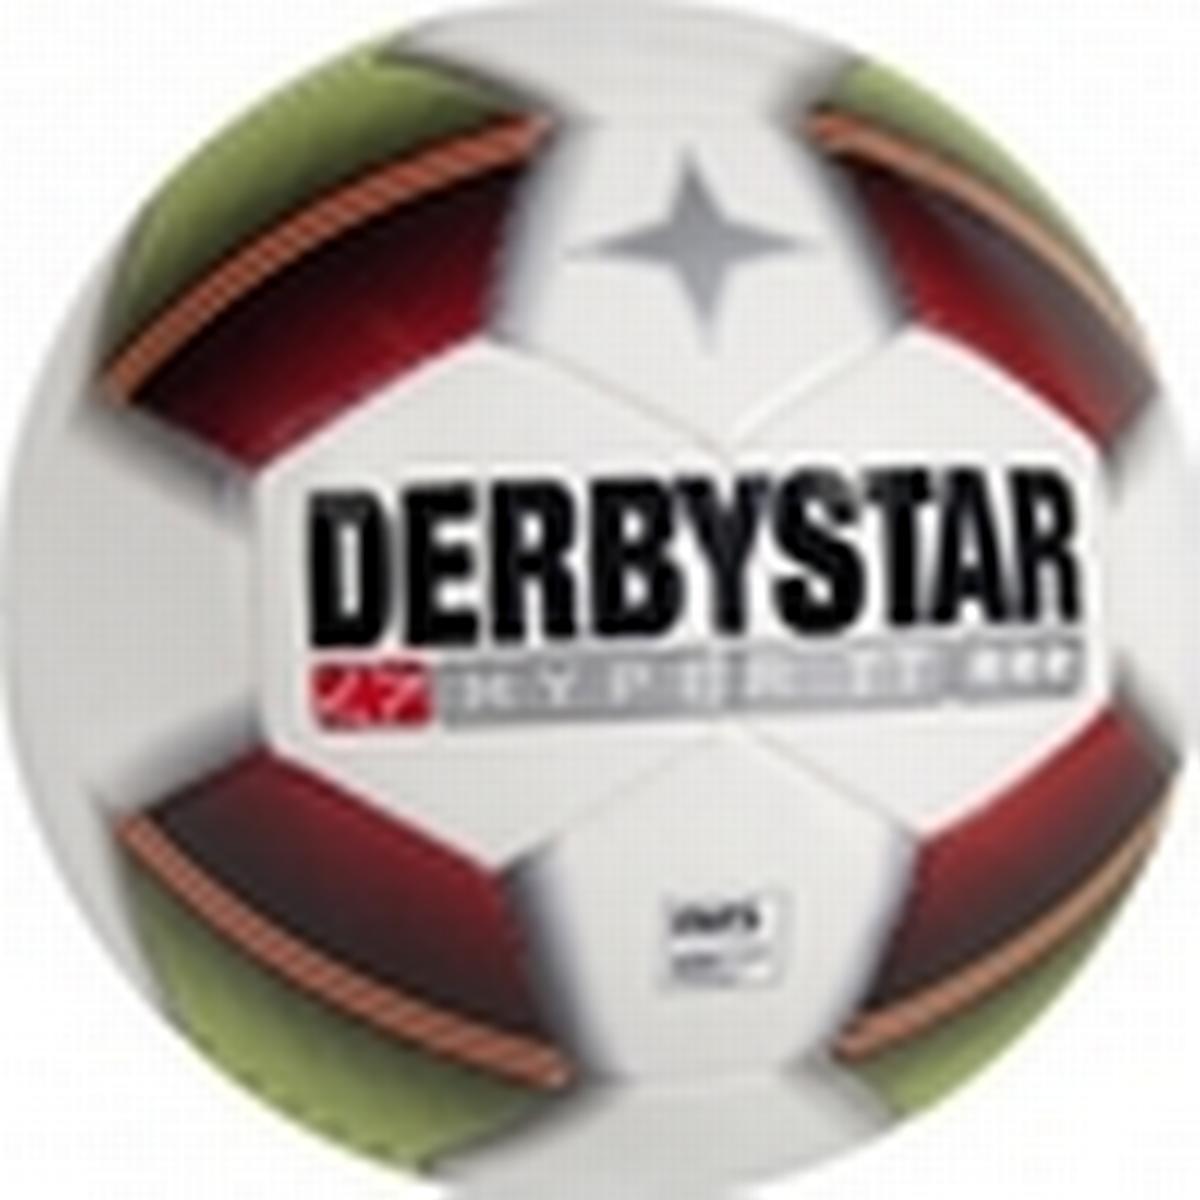 Derbystar Protect Star SB3 Shin Pads